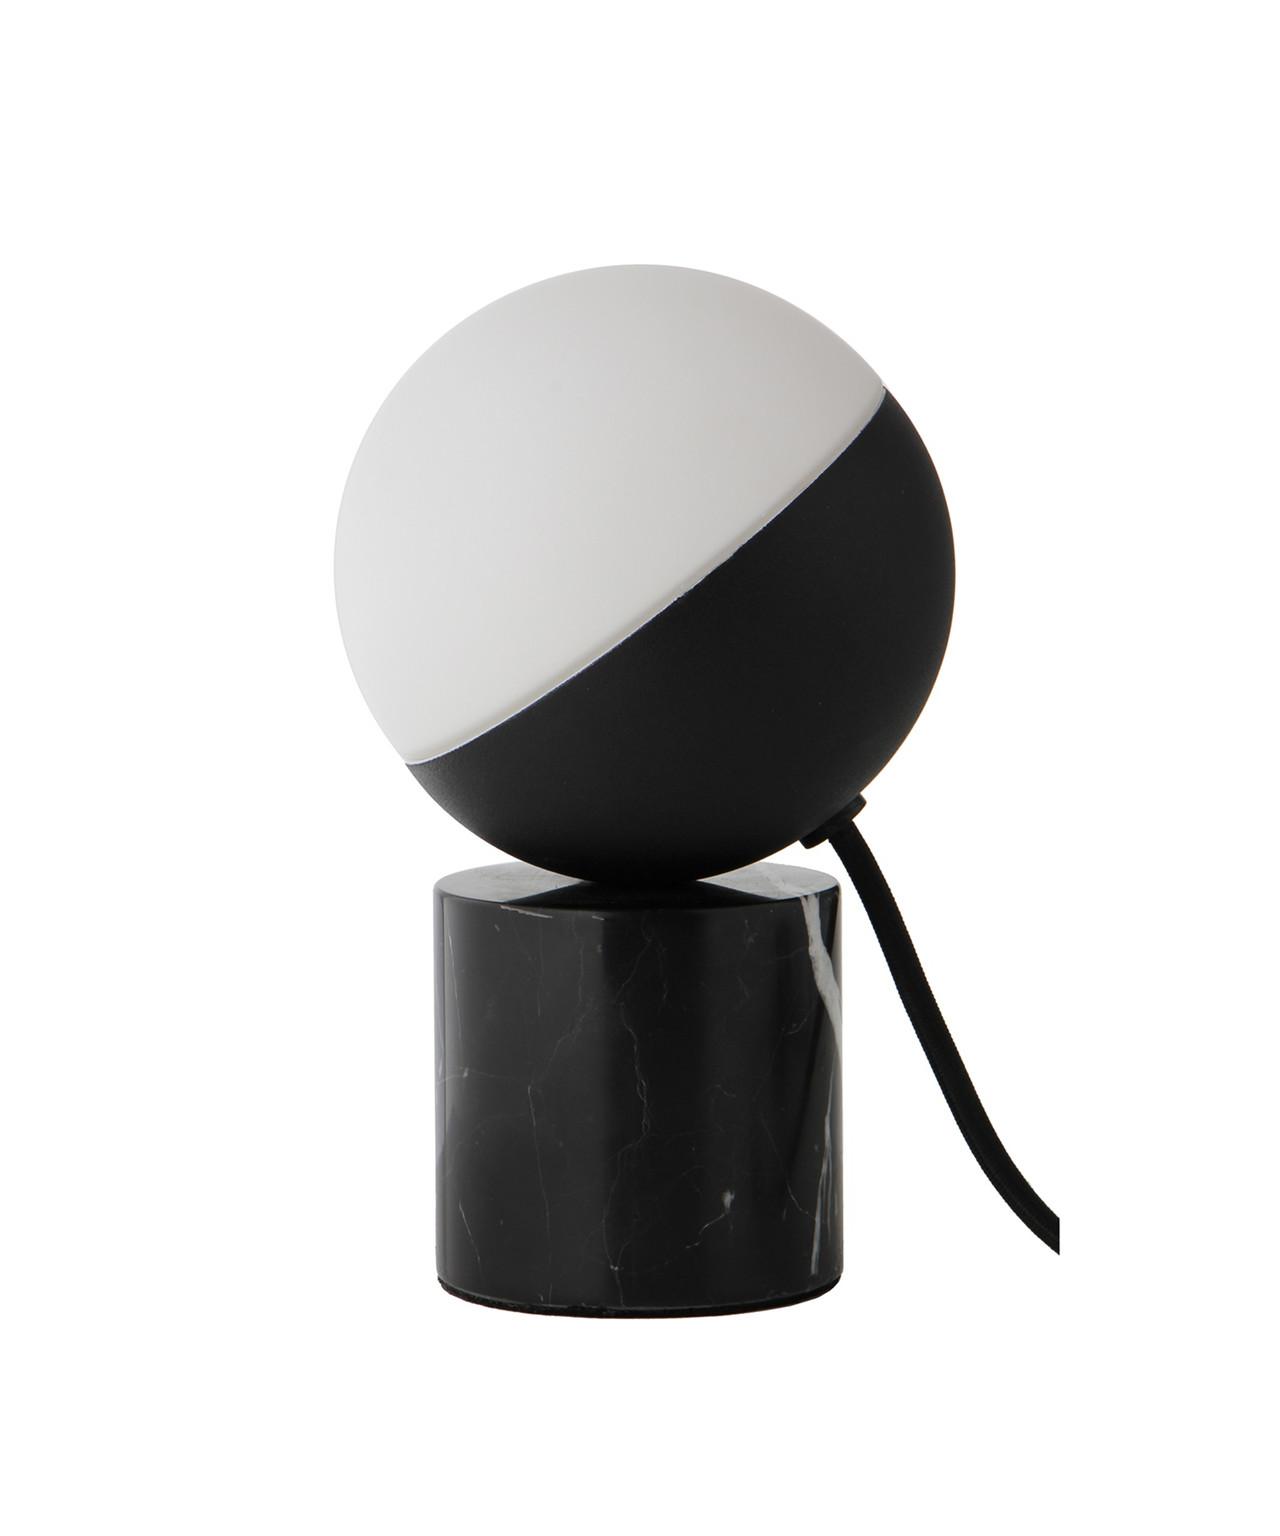 Image of   Fabian Mini Bordlampe Mat Sort/Sort Marmor/Opal Hvid - Frandsen